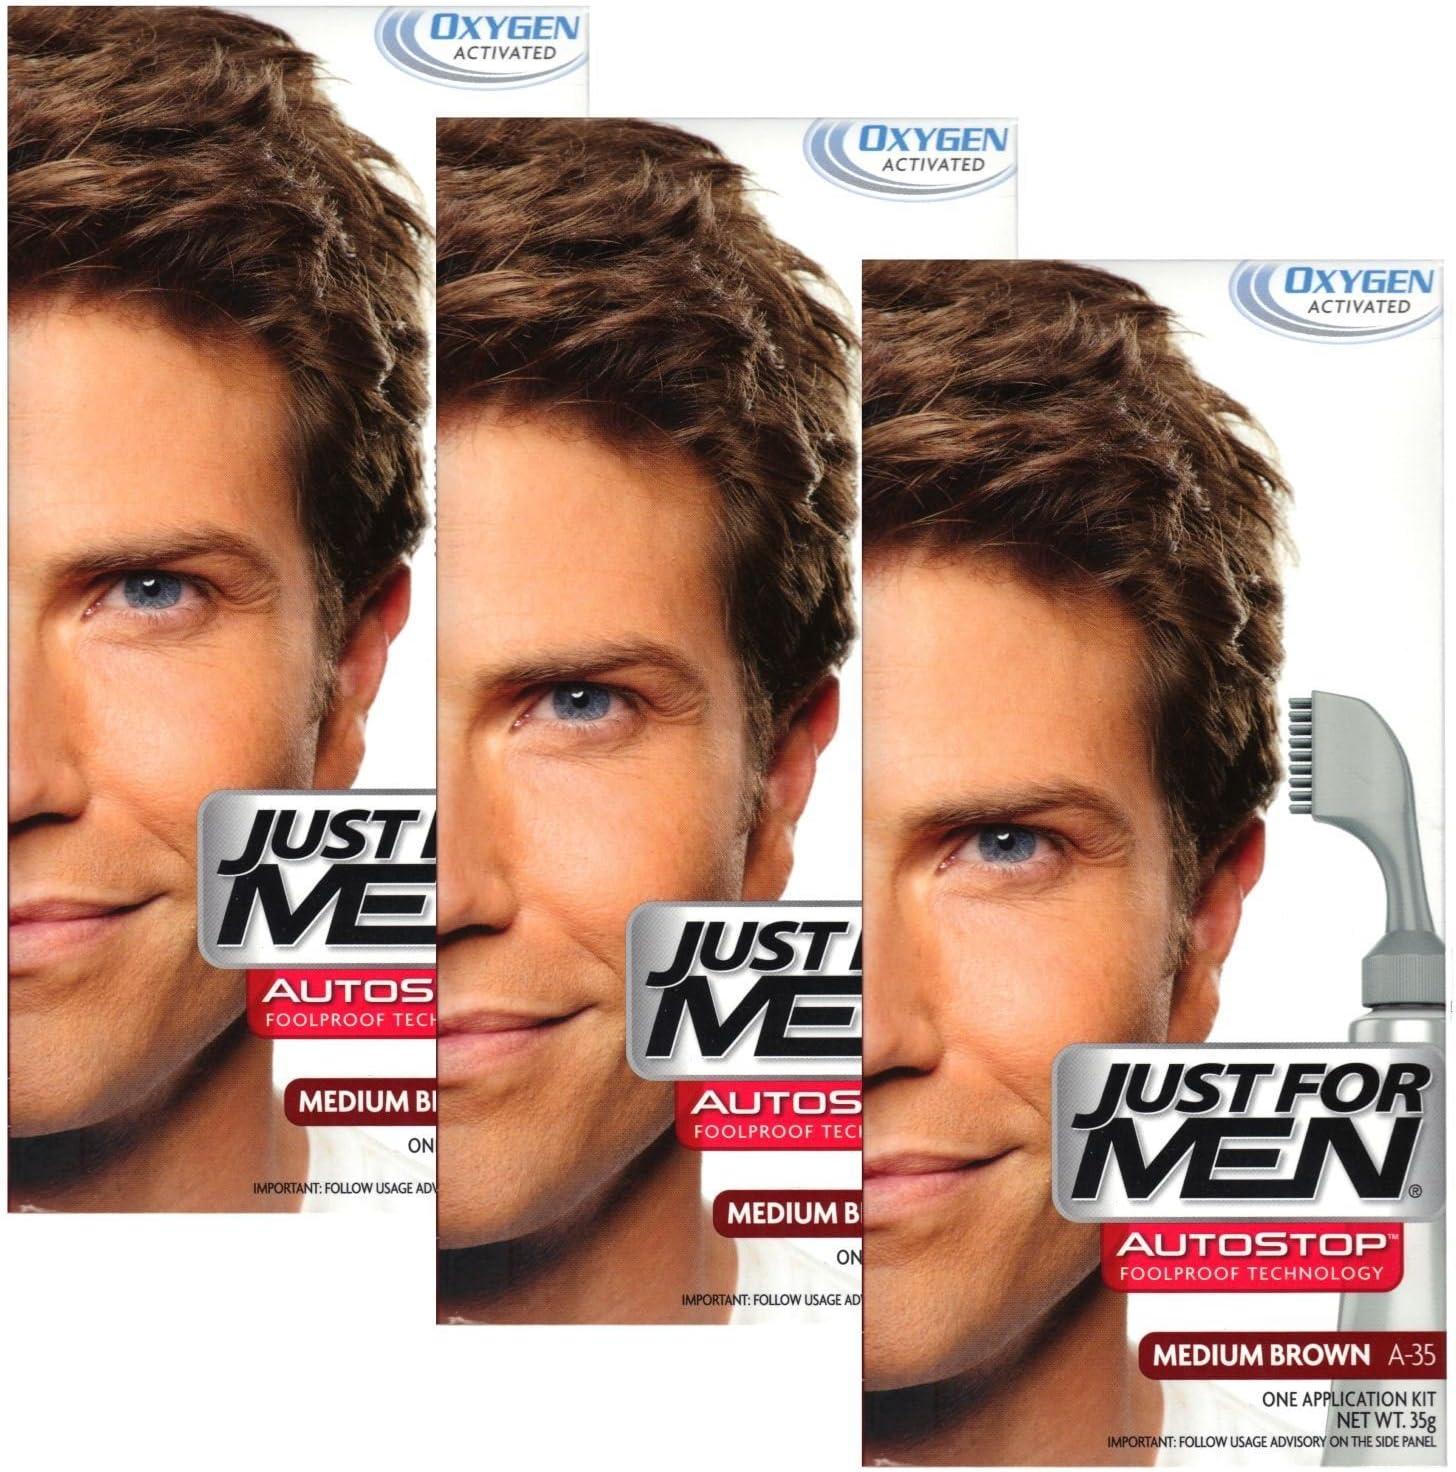 Just For Men Tinte Color Autostop 3 unidades (Castaño Oscuro Mediano - A40)